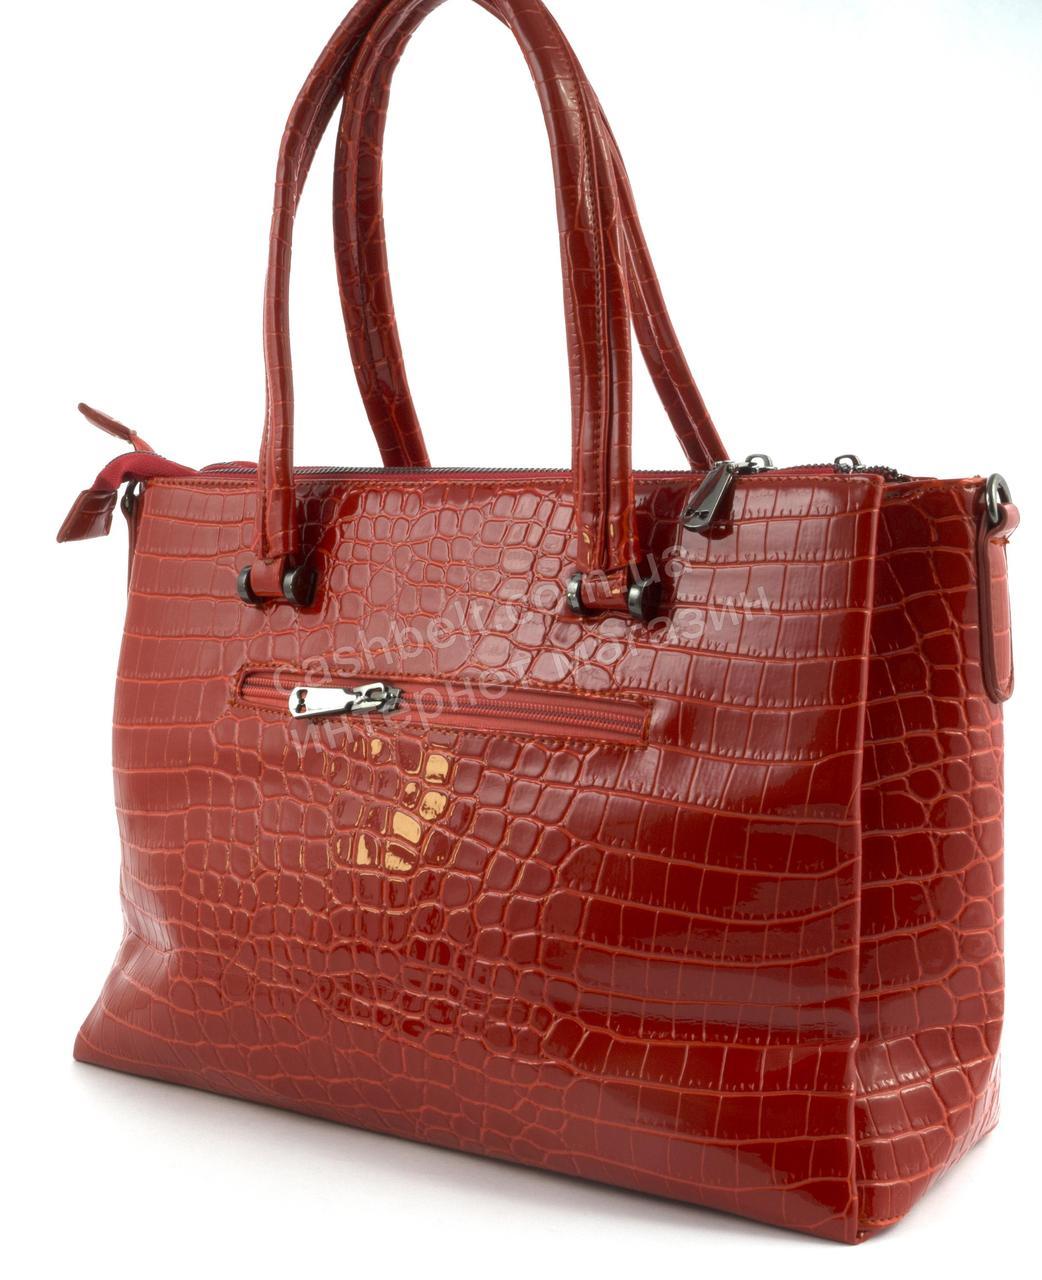 a4141f6da087 ... фото Яркая стильная качественная лаковая сумка под рептилию SOLANA art.